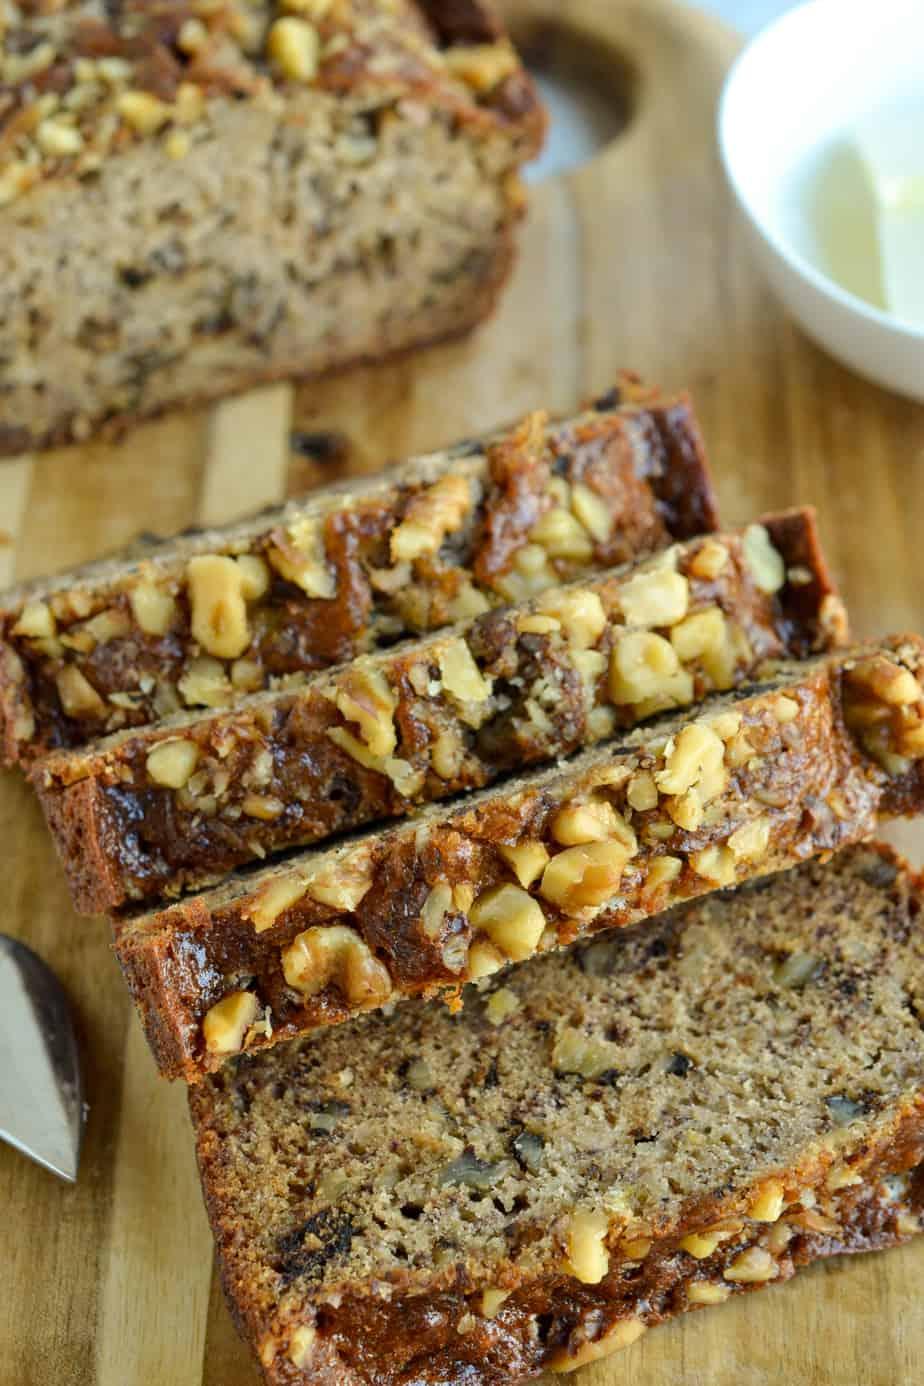 Moist banana bread with walnuts